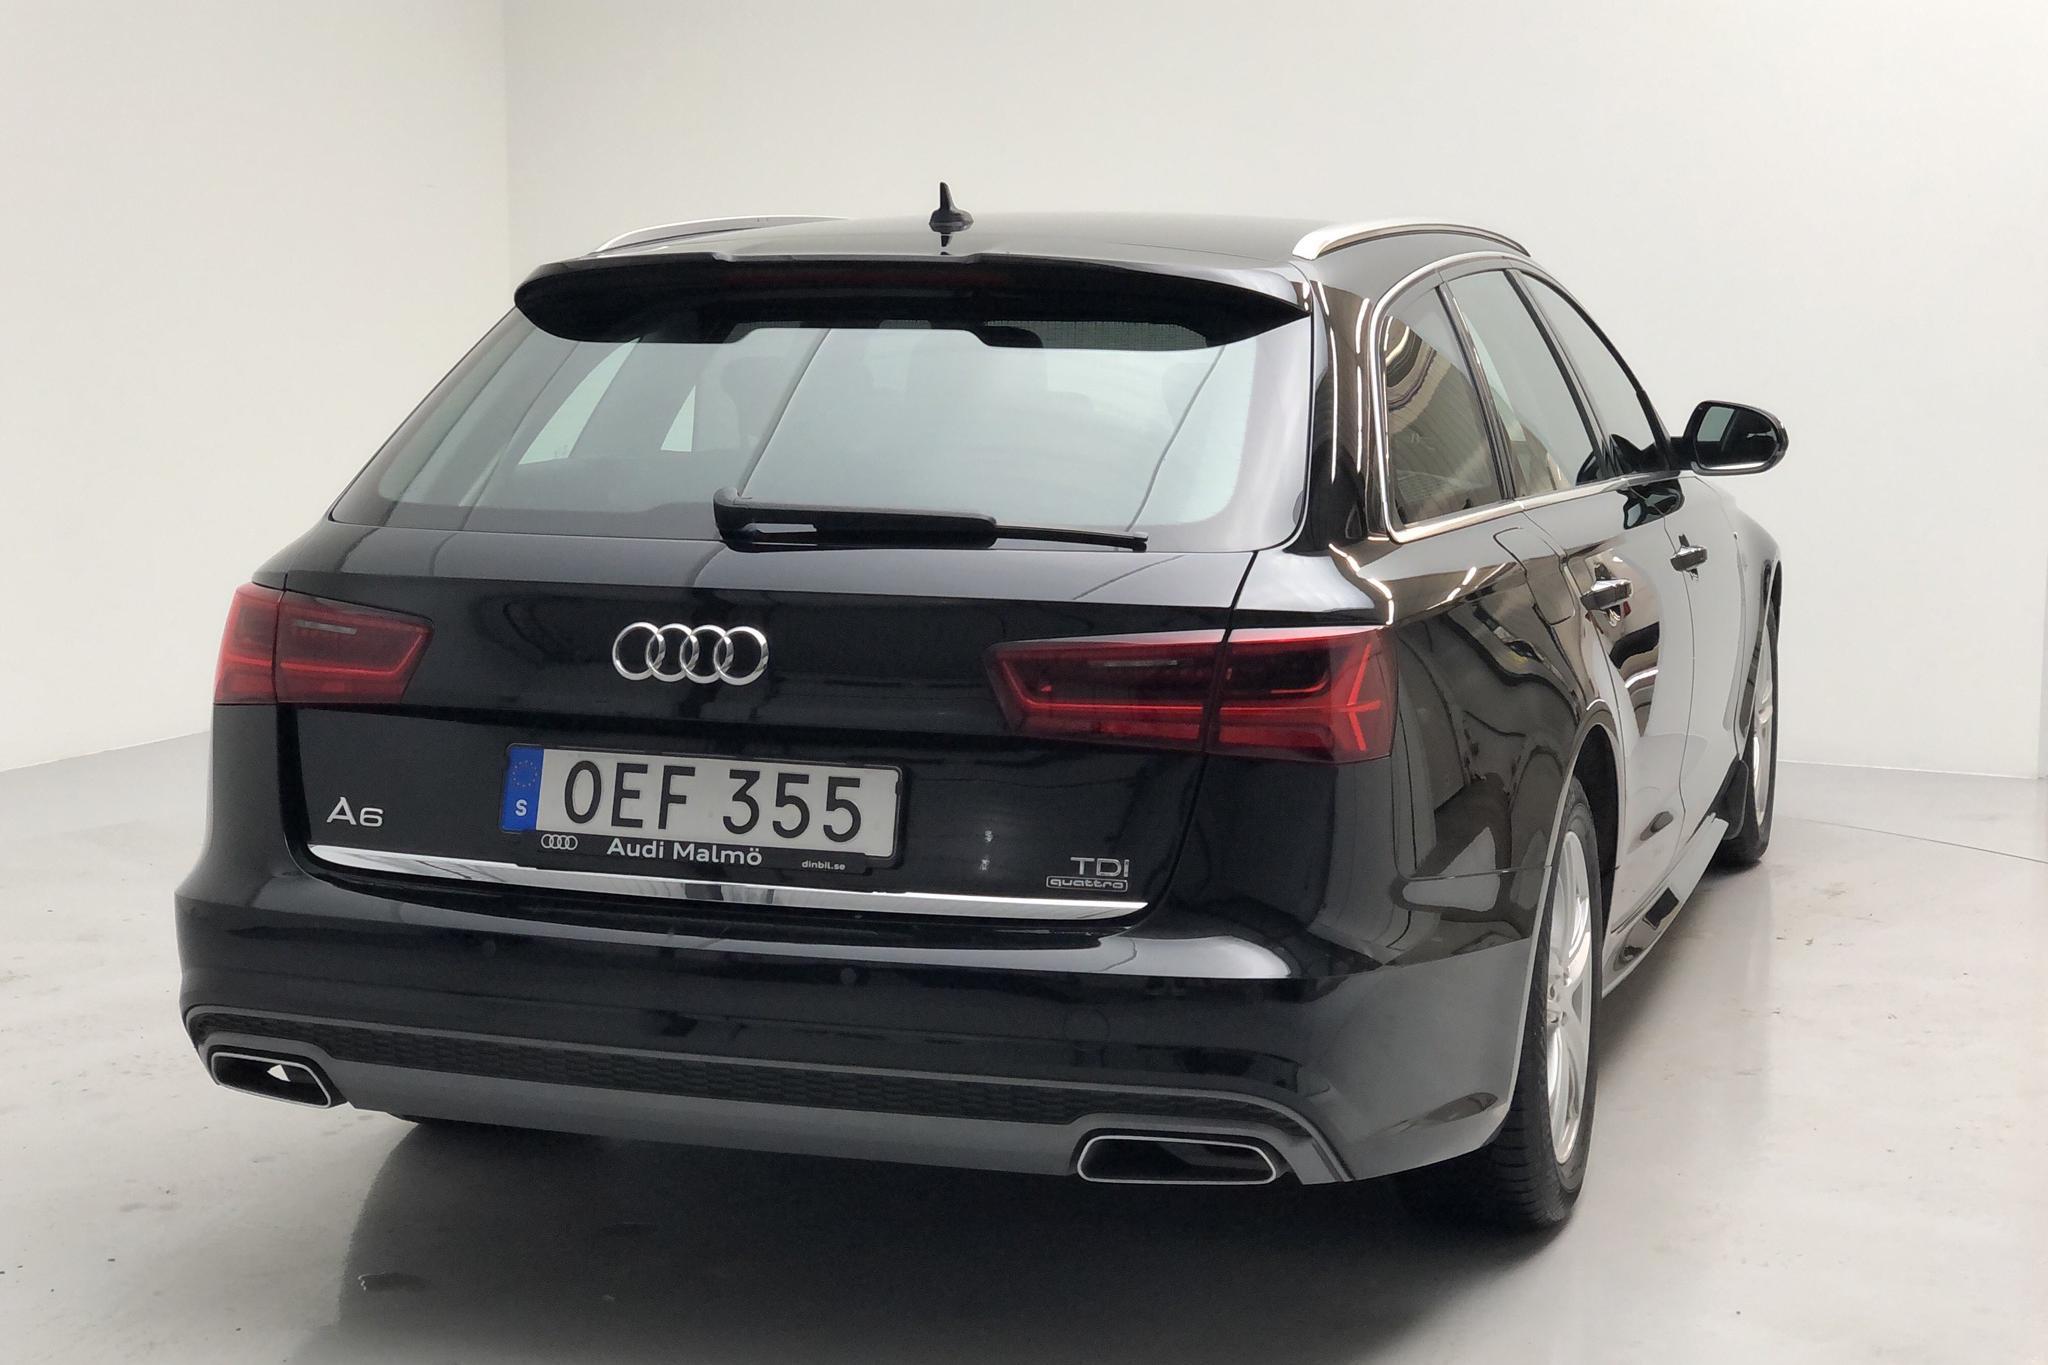 Audi A6 2.0 TDI Avant quattro (190hk) - 13 509 mil - Automat - svart - 2017